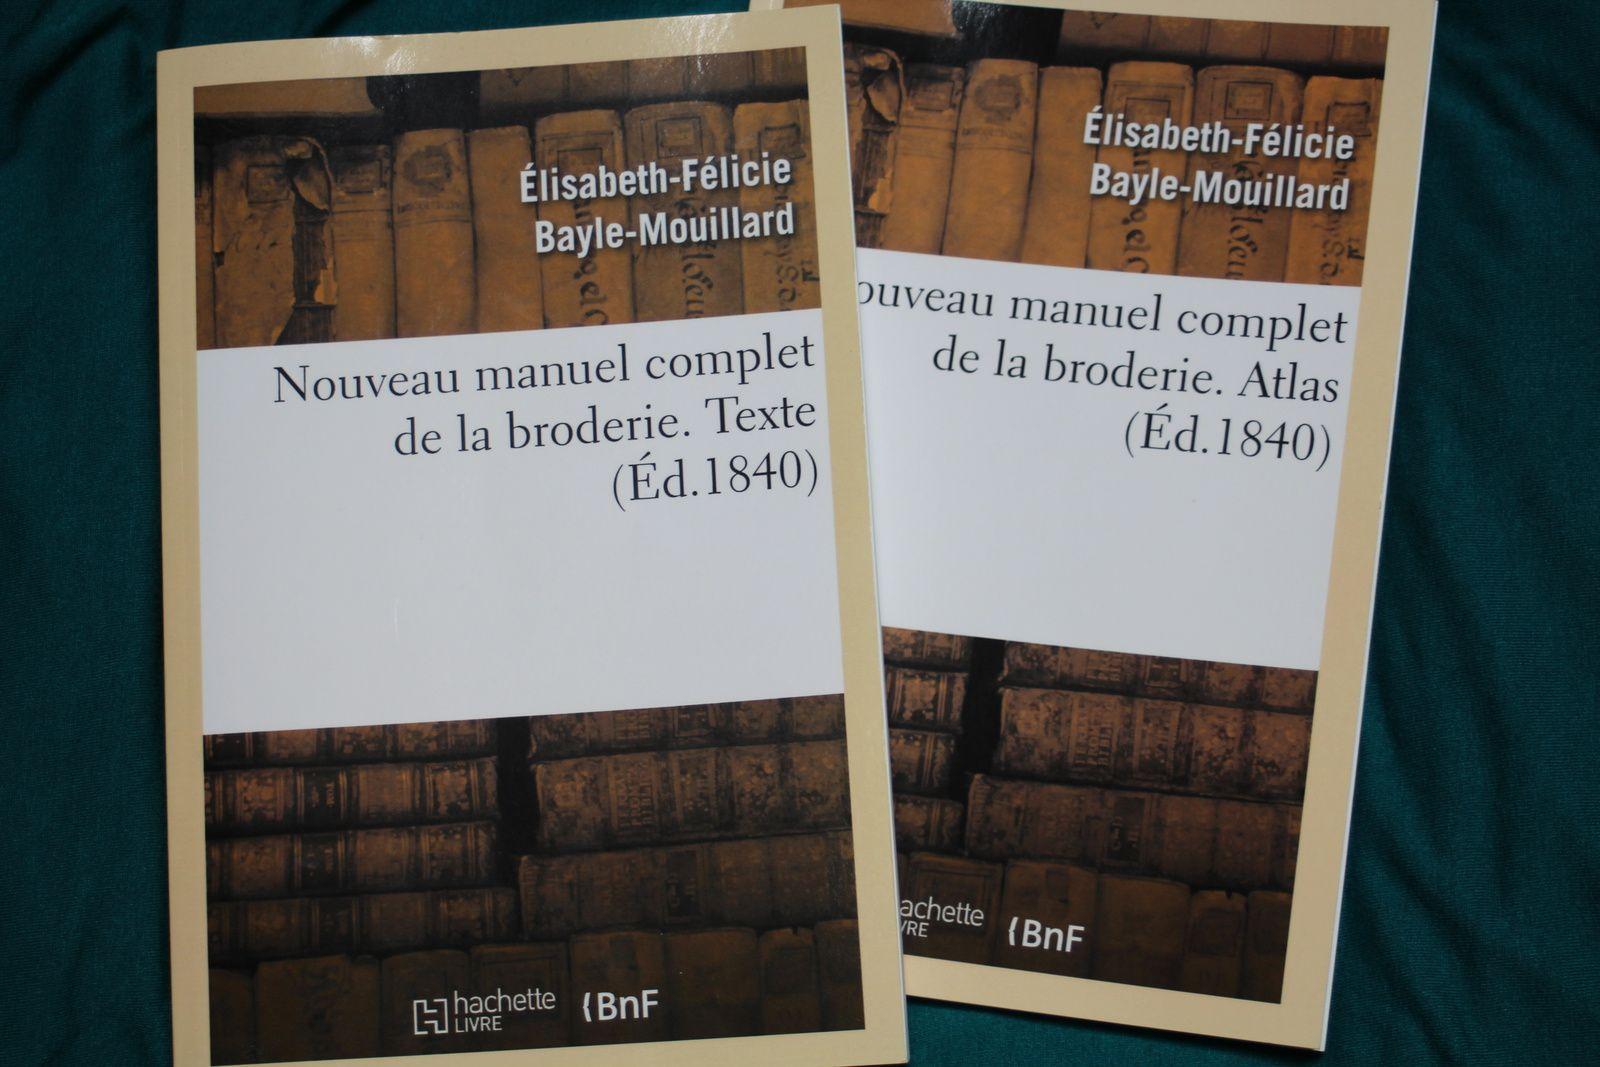 Nouveau manuel complet de la broderie de Elisabeth-Félicie Bayle-Mouillard